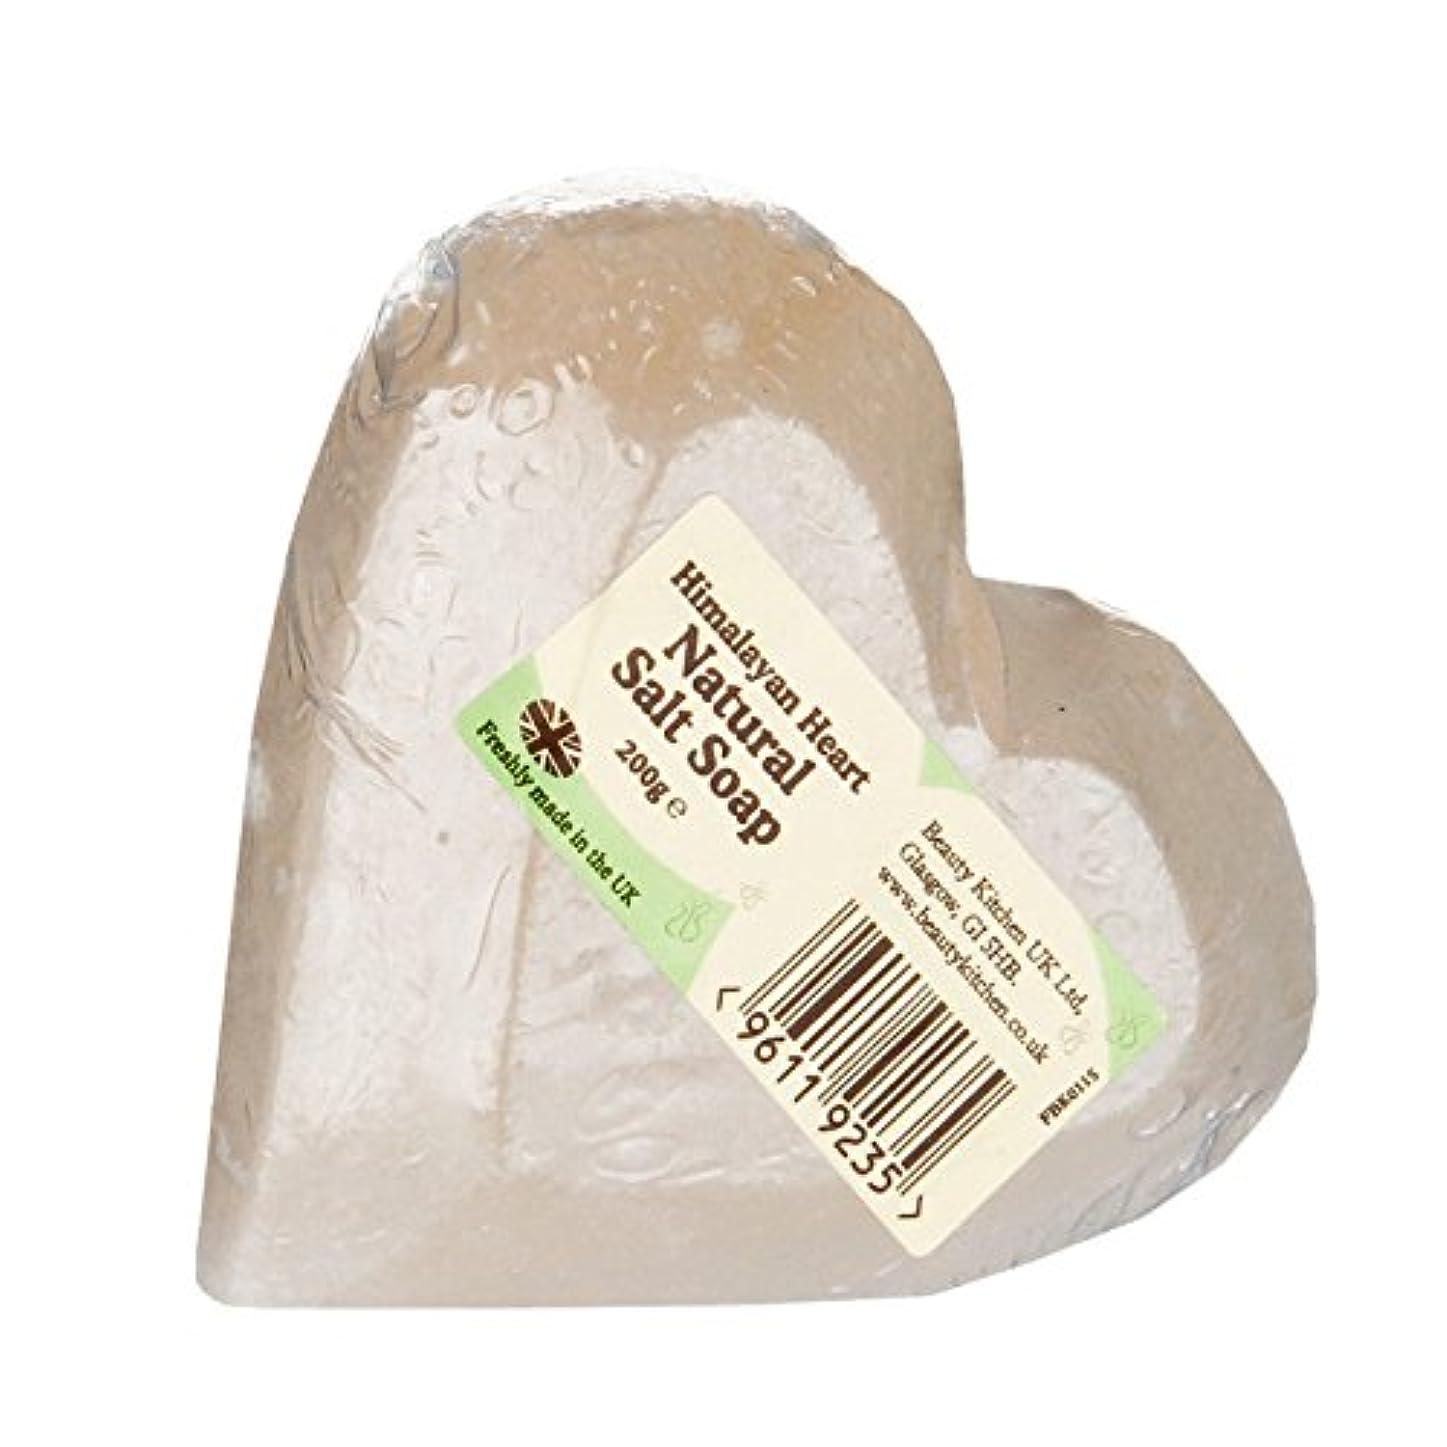 分泌する電化するレンダリング美容キッチンヒマラヤンハートソープ200グラム - Beauty Kitchen Himalayan Heart Soap 200g (Beauty Kitchen) [並行輸入品]